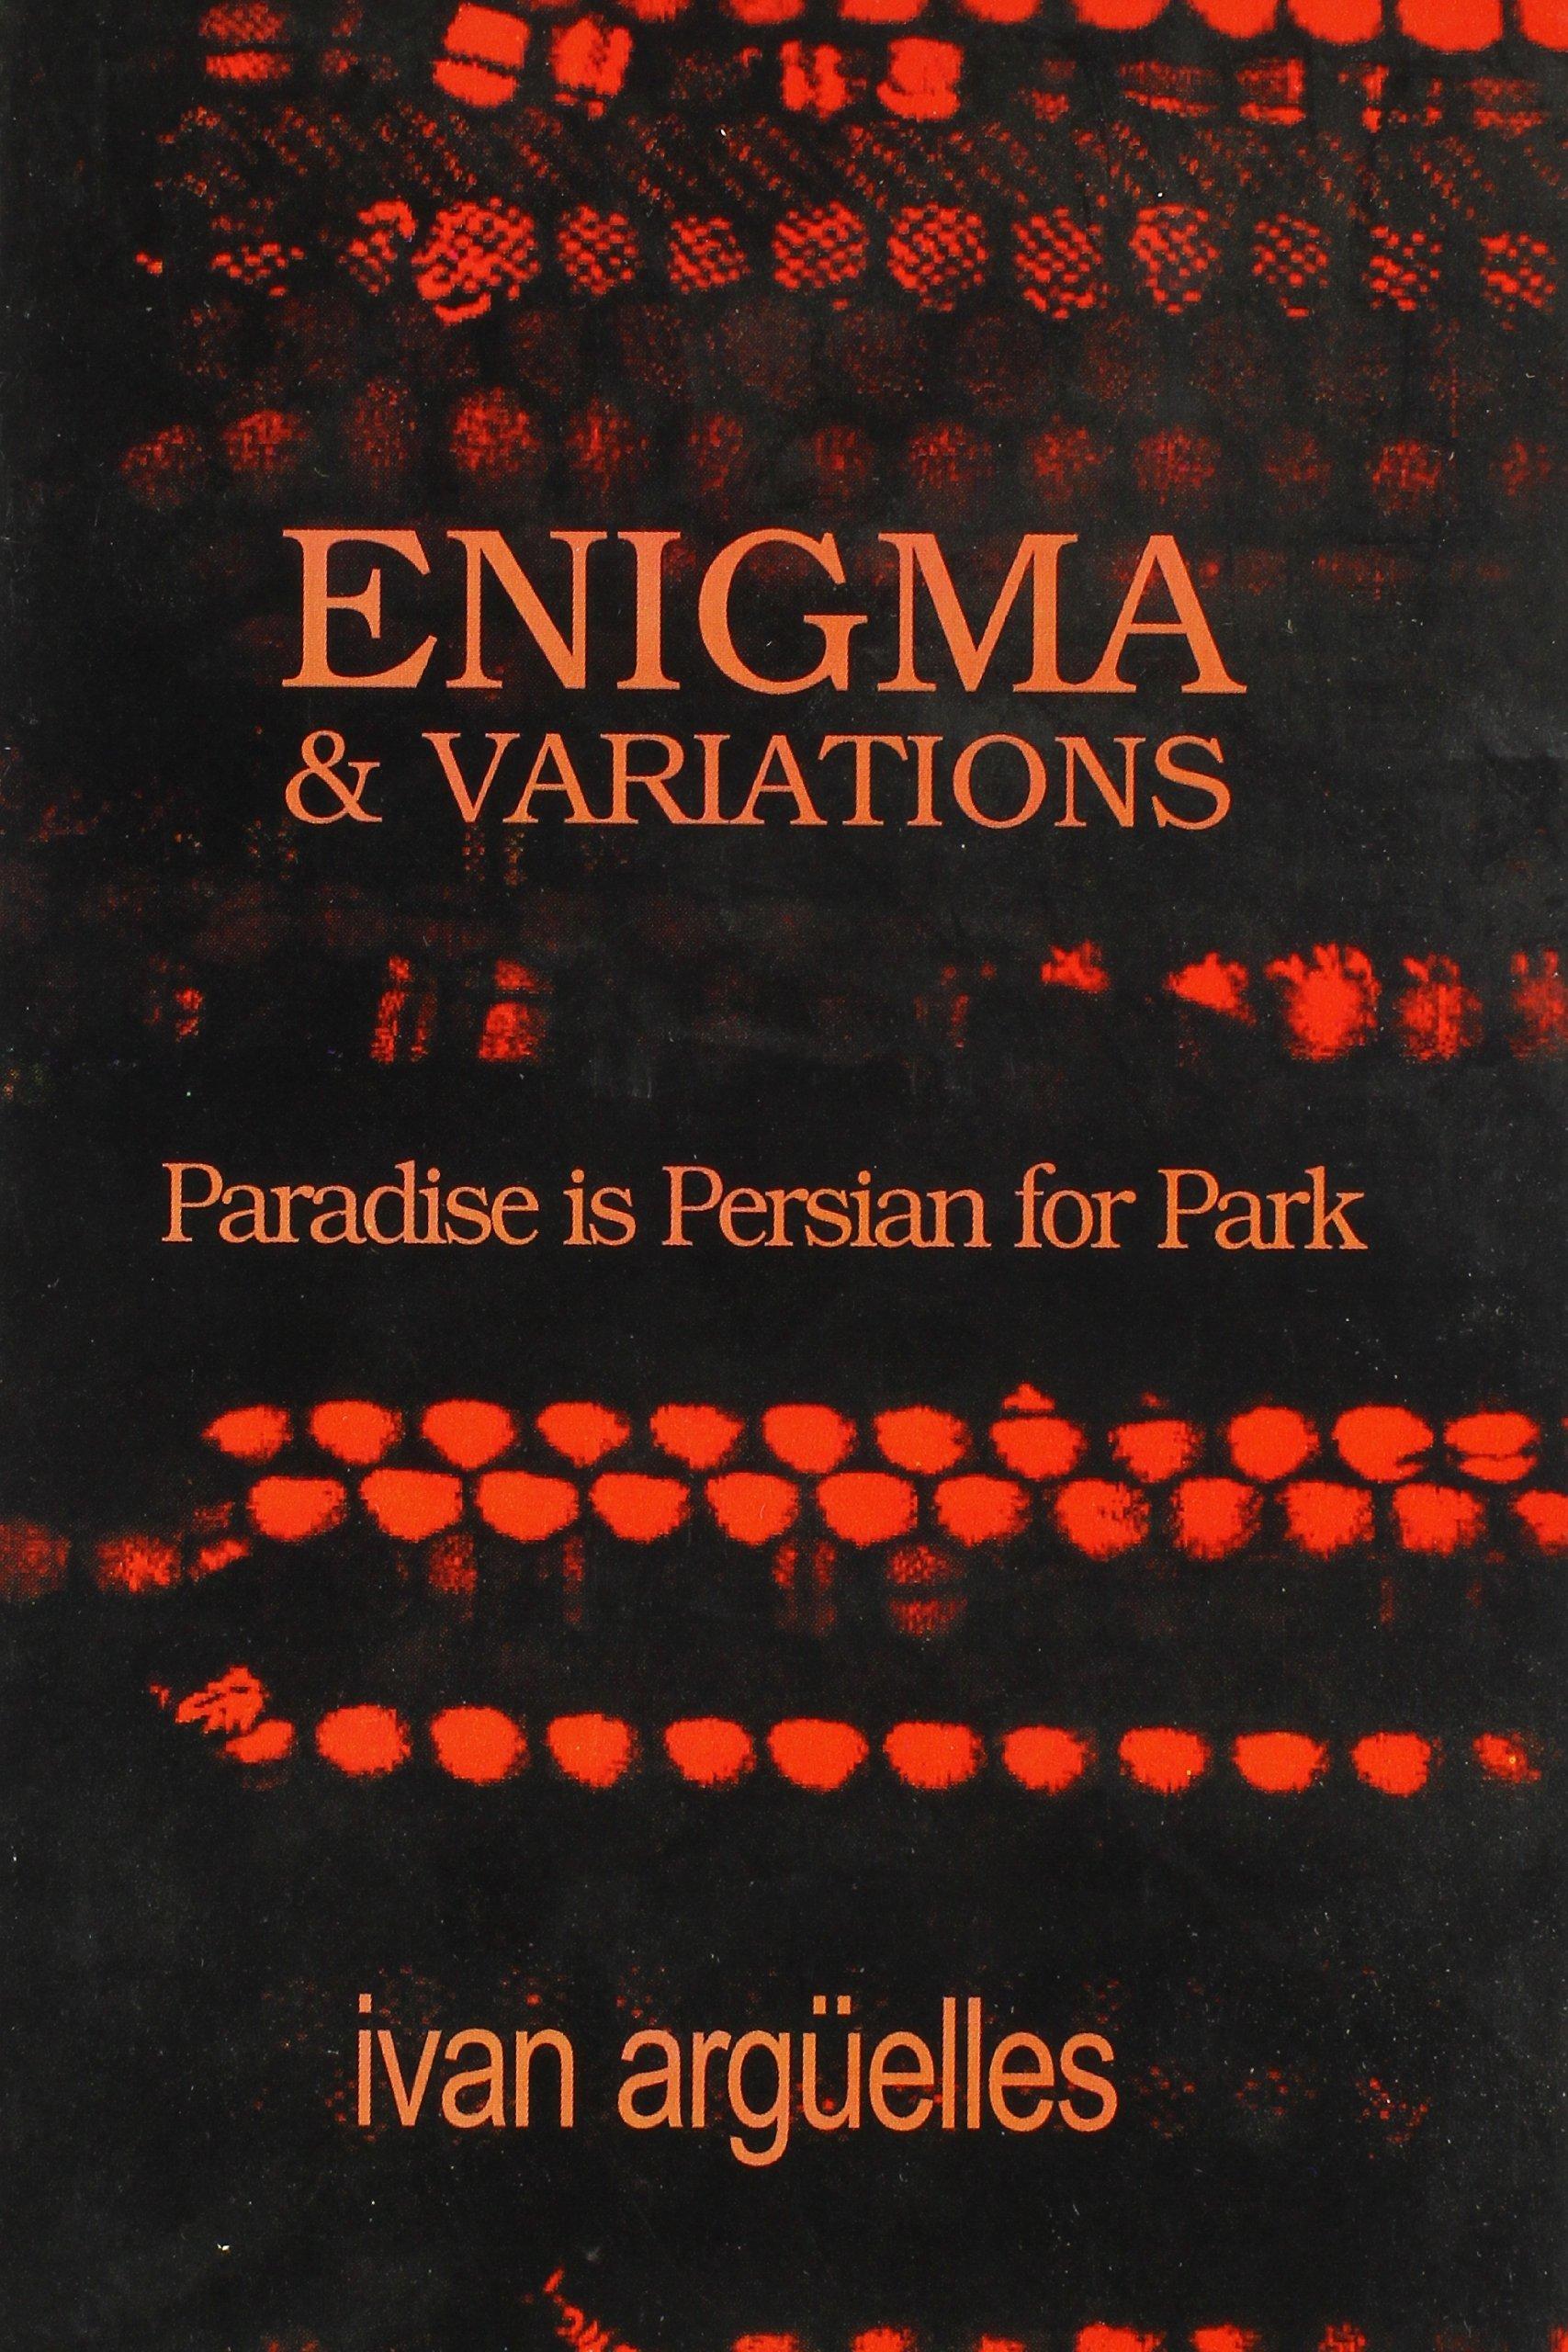 Enigma & Variations